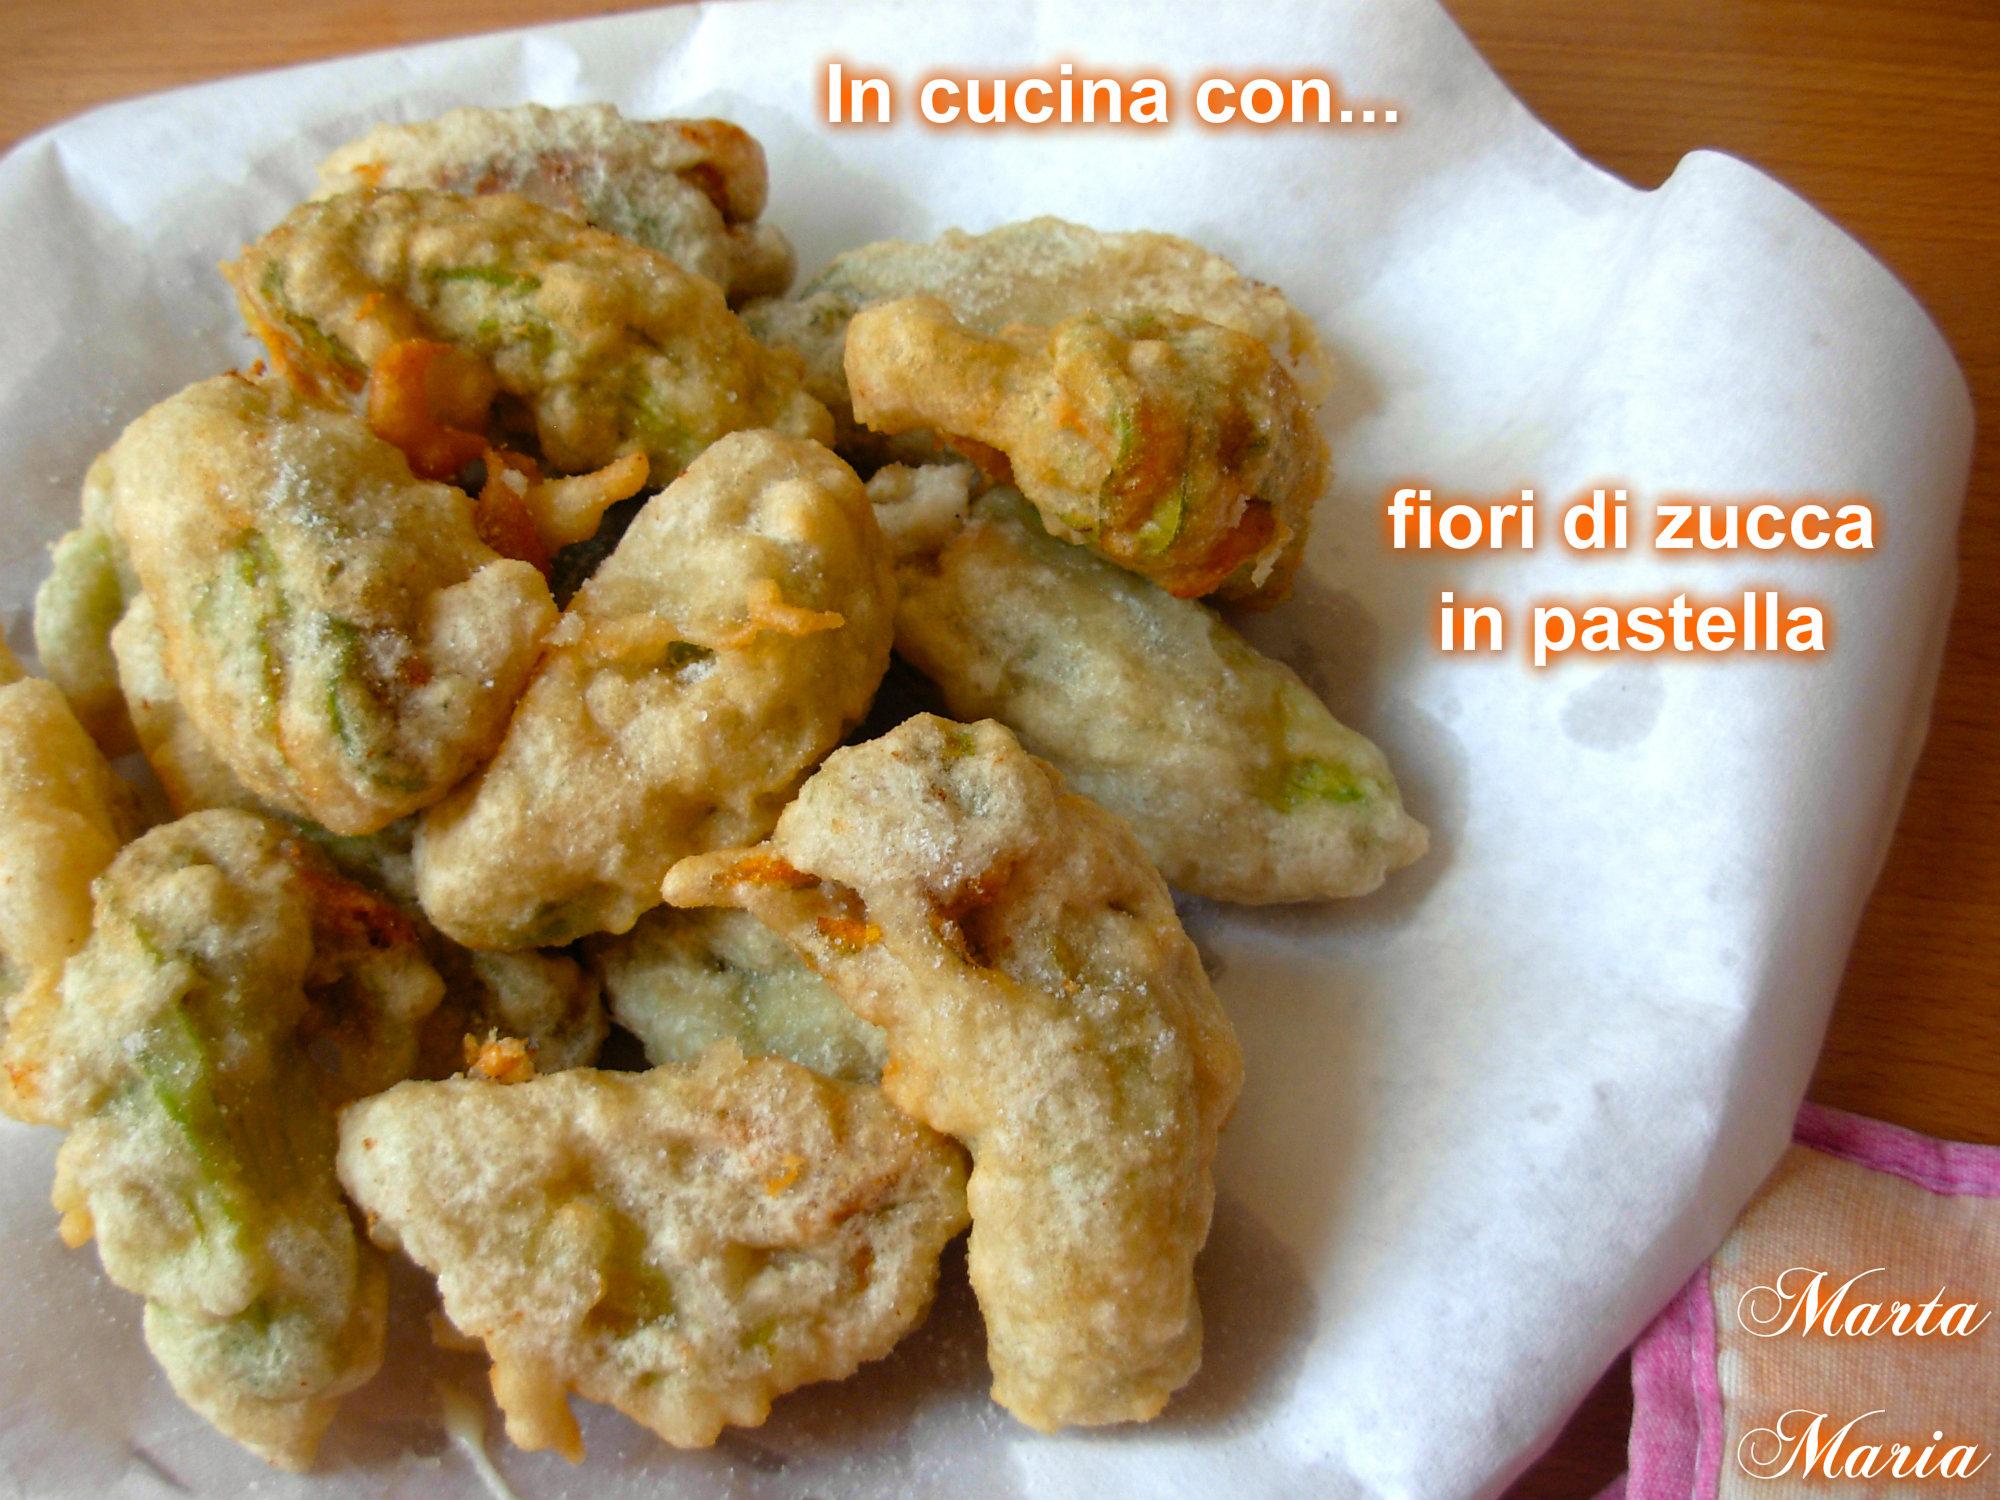 Fiori di zucca in pastella ricetta fritti in cucina con for Pastella per fiori di zucca fritti